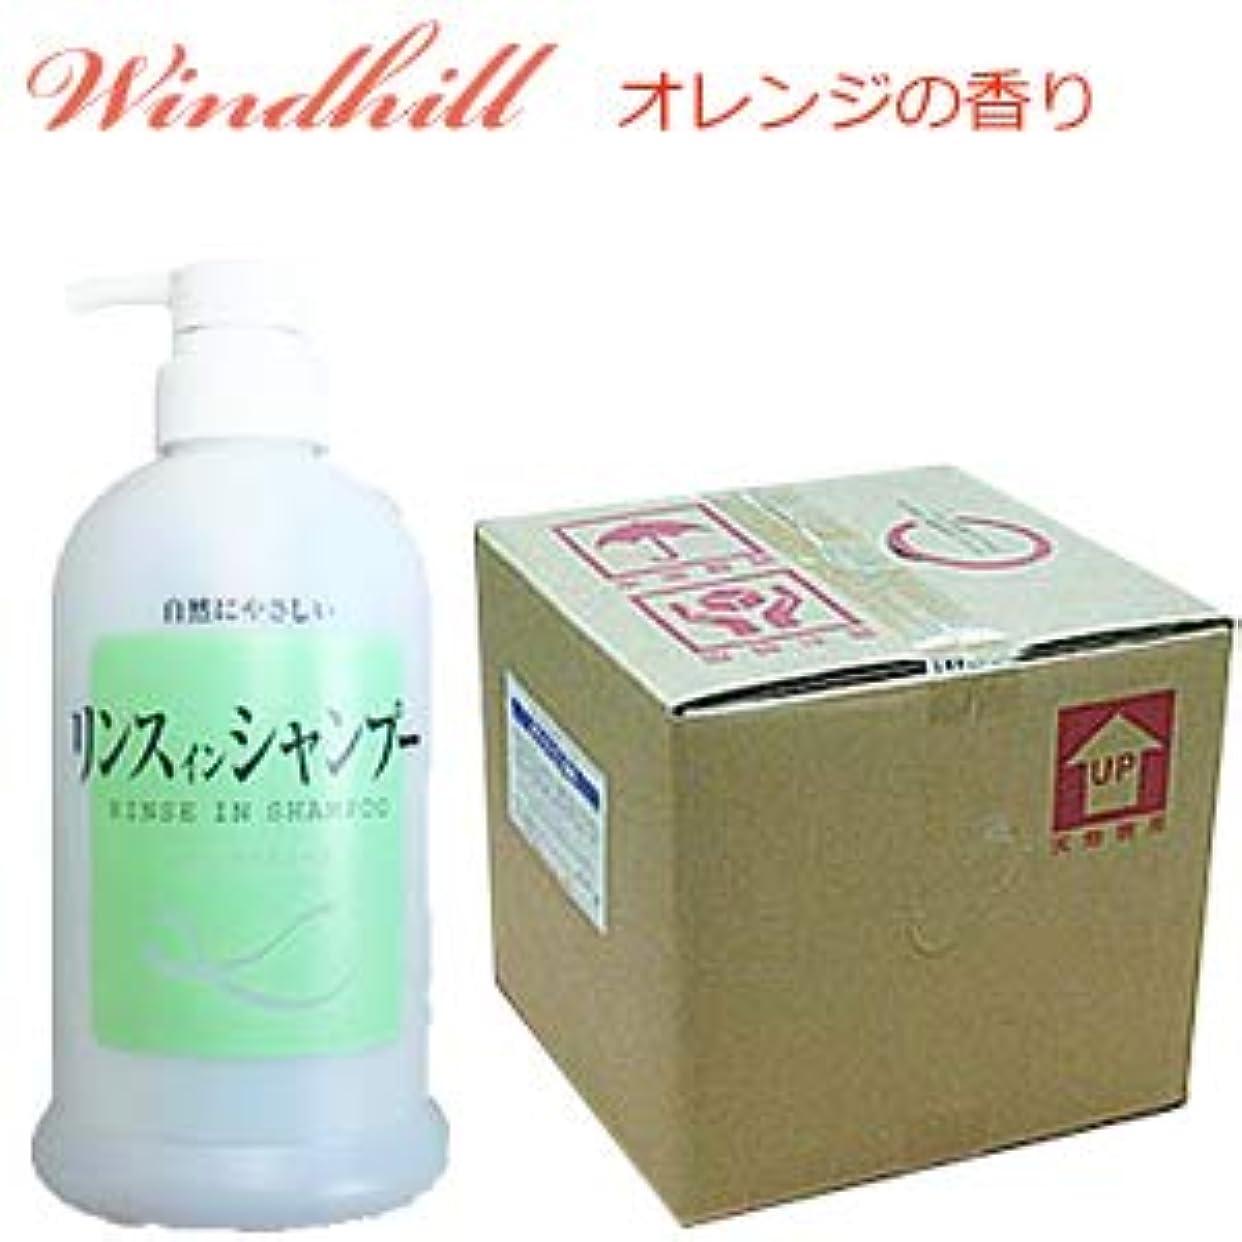 審判レーダー維持Windhill 植物性業務用 リンスインシャンプーオレンジの香り 20L(1セット20L入)